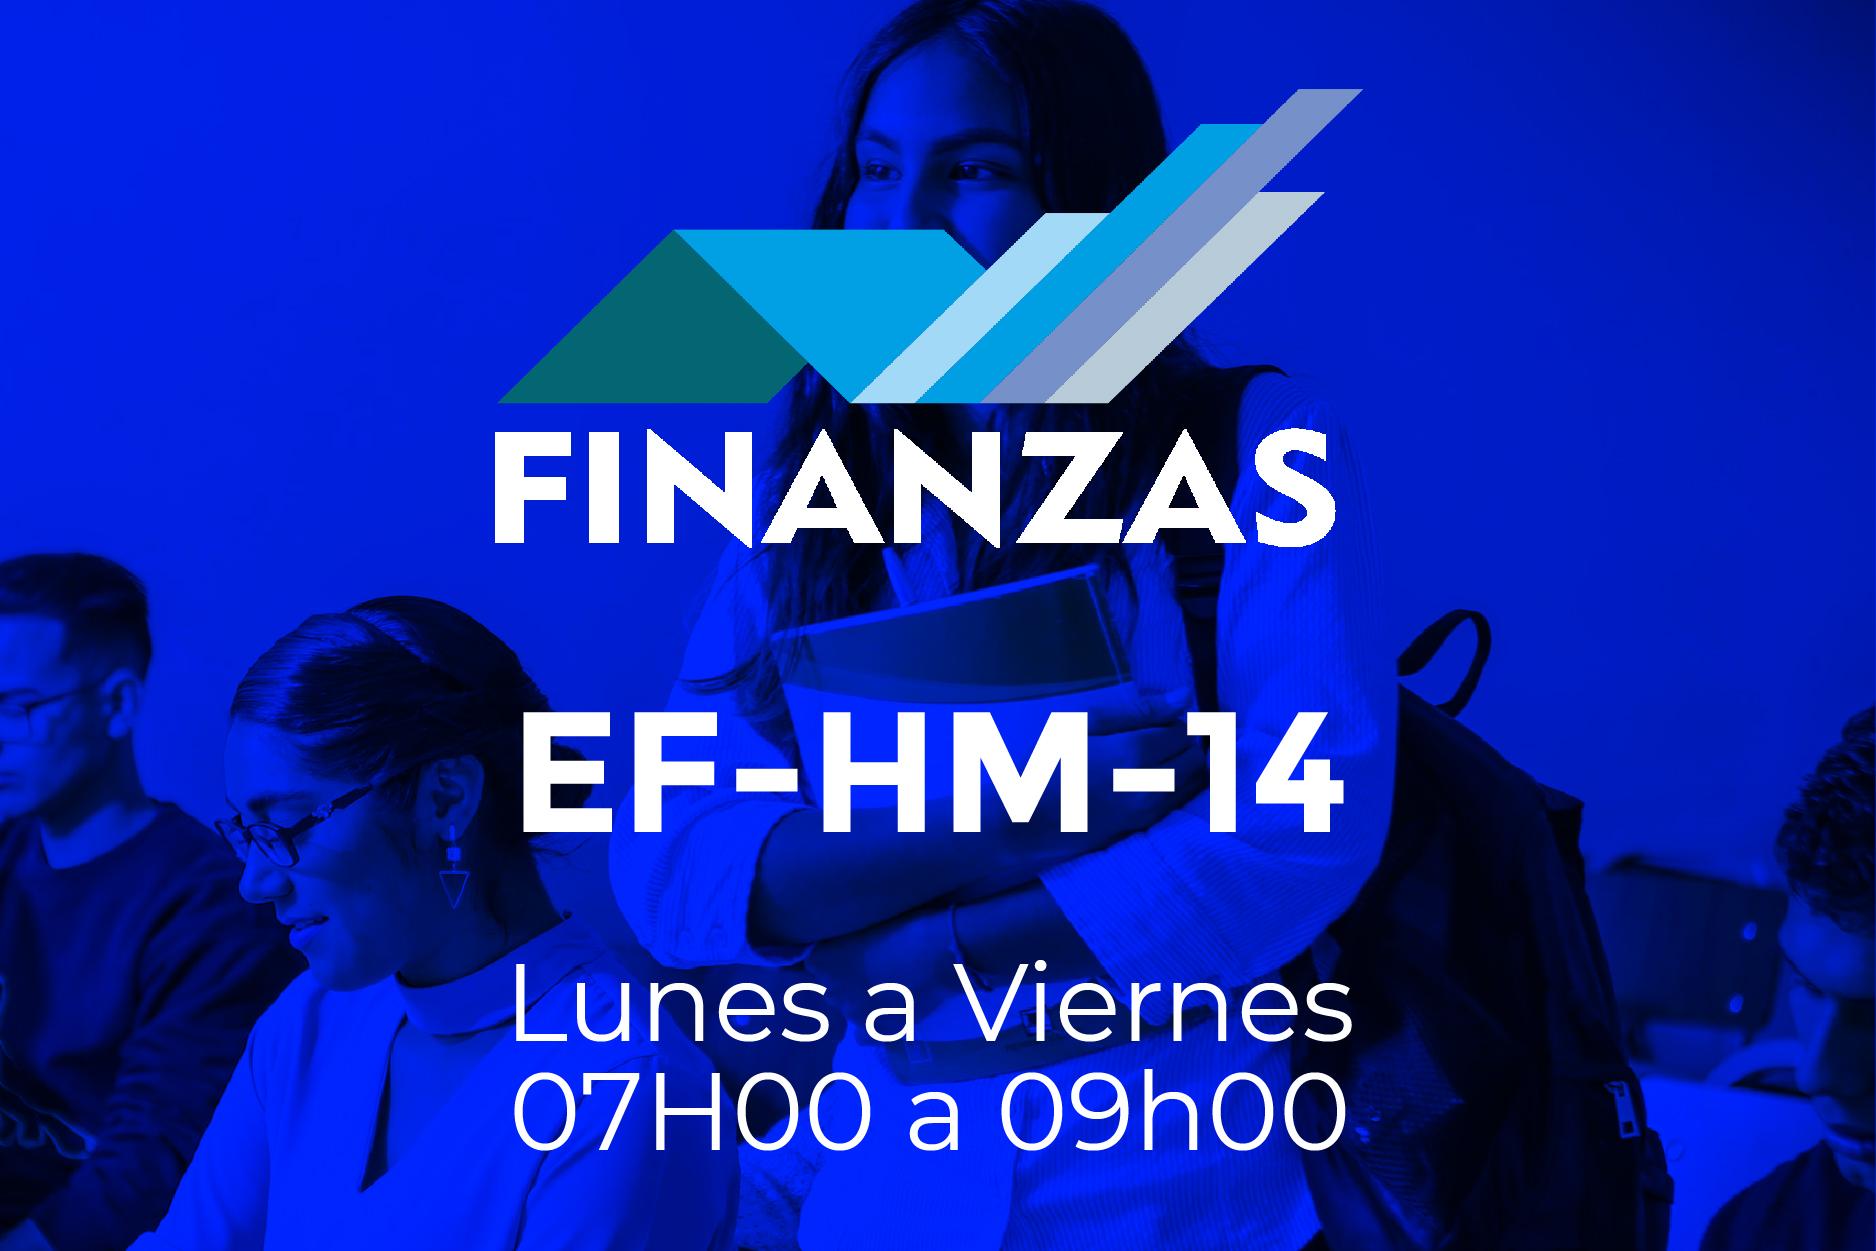 14 - FINANZAS - LUNES A VIERNES - 07:00 A 09:00